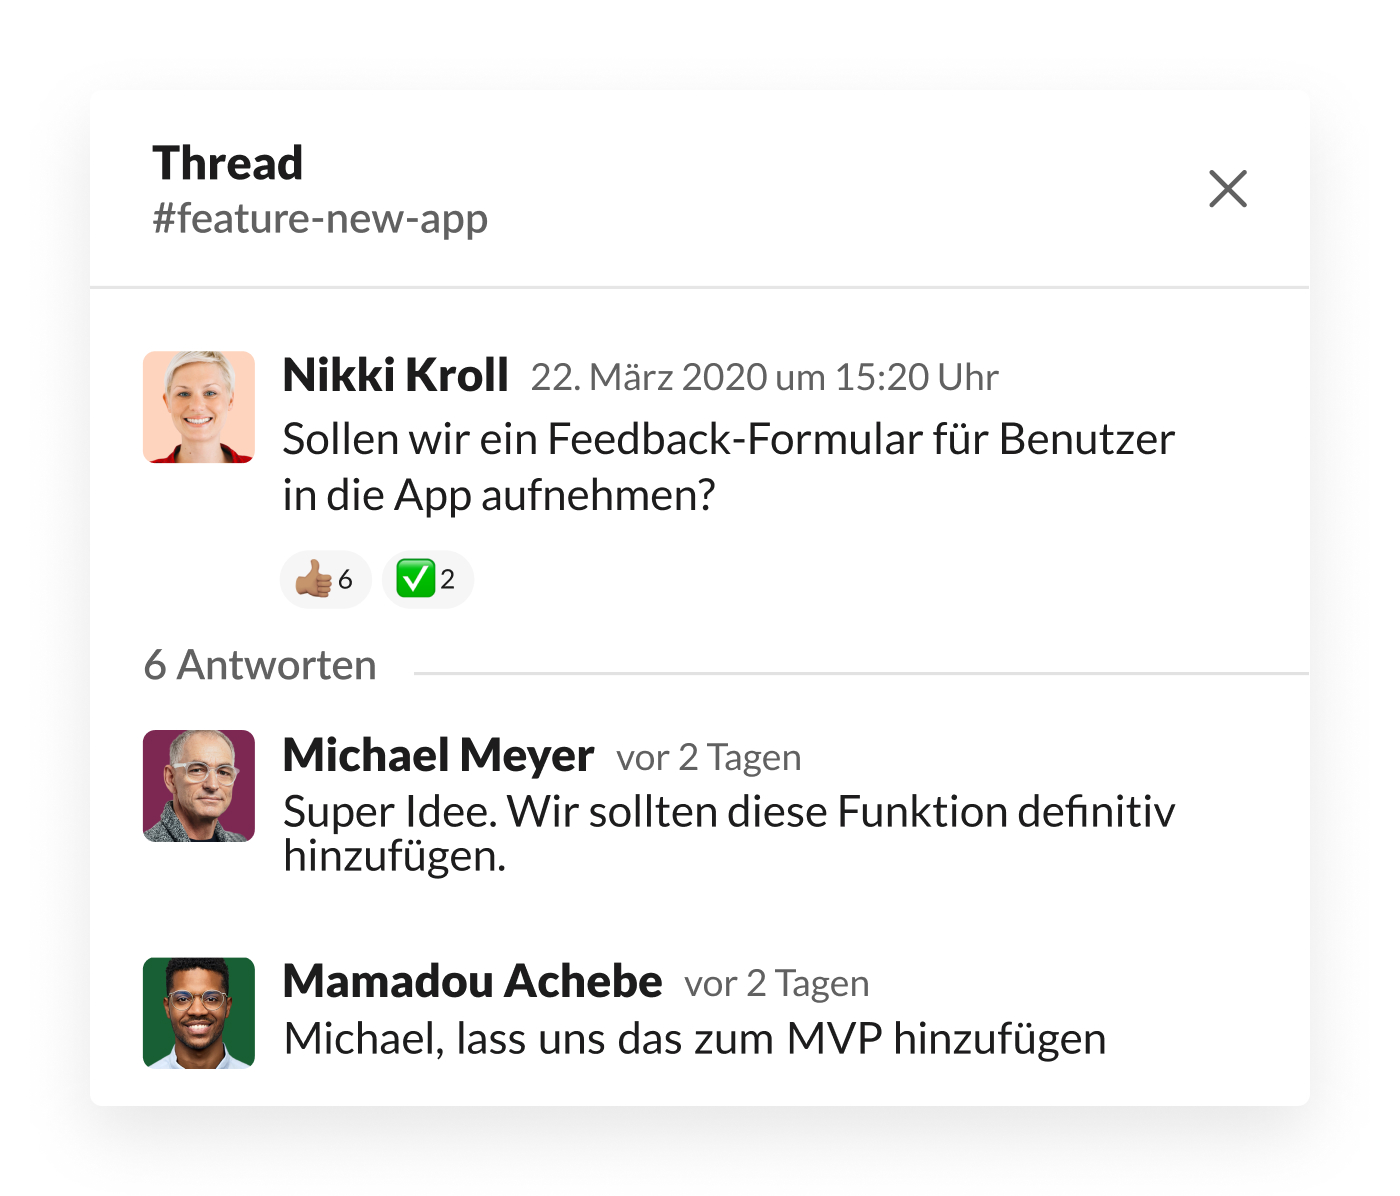 Slack-Thread zum Thema Feedback-Formular für App-Benutzerinnen bzw. App-Benutzer